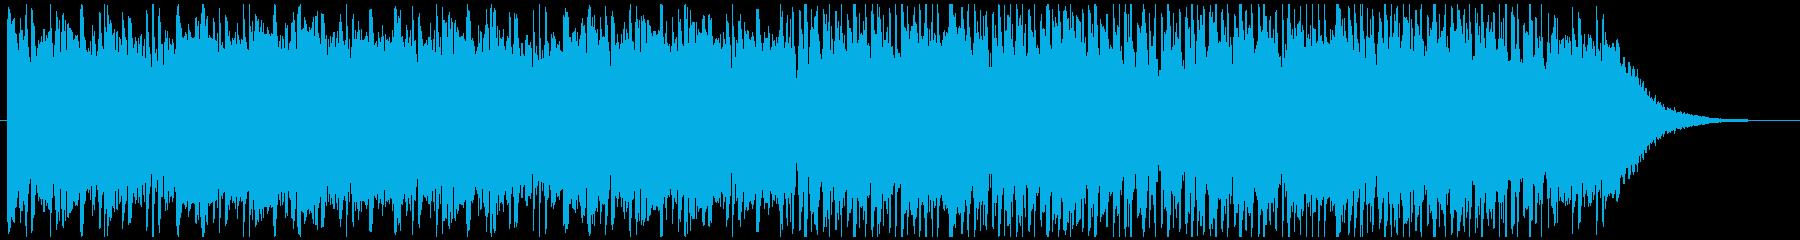 電気研究所ポジティブなテーマ。の再生済みの波形